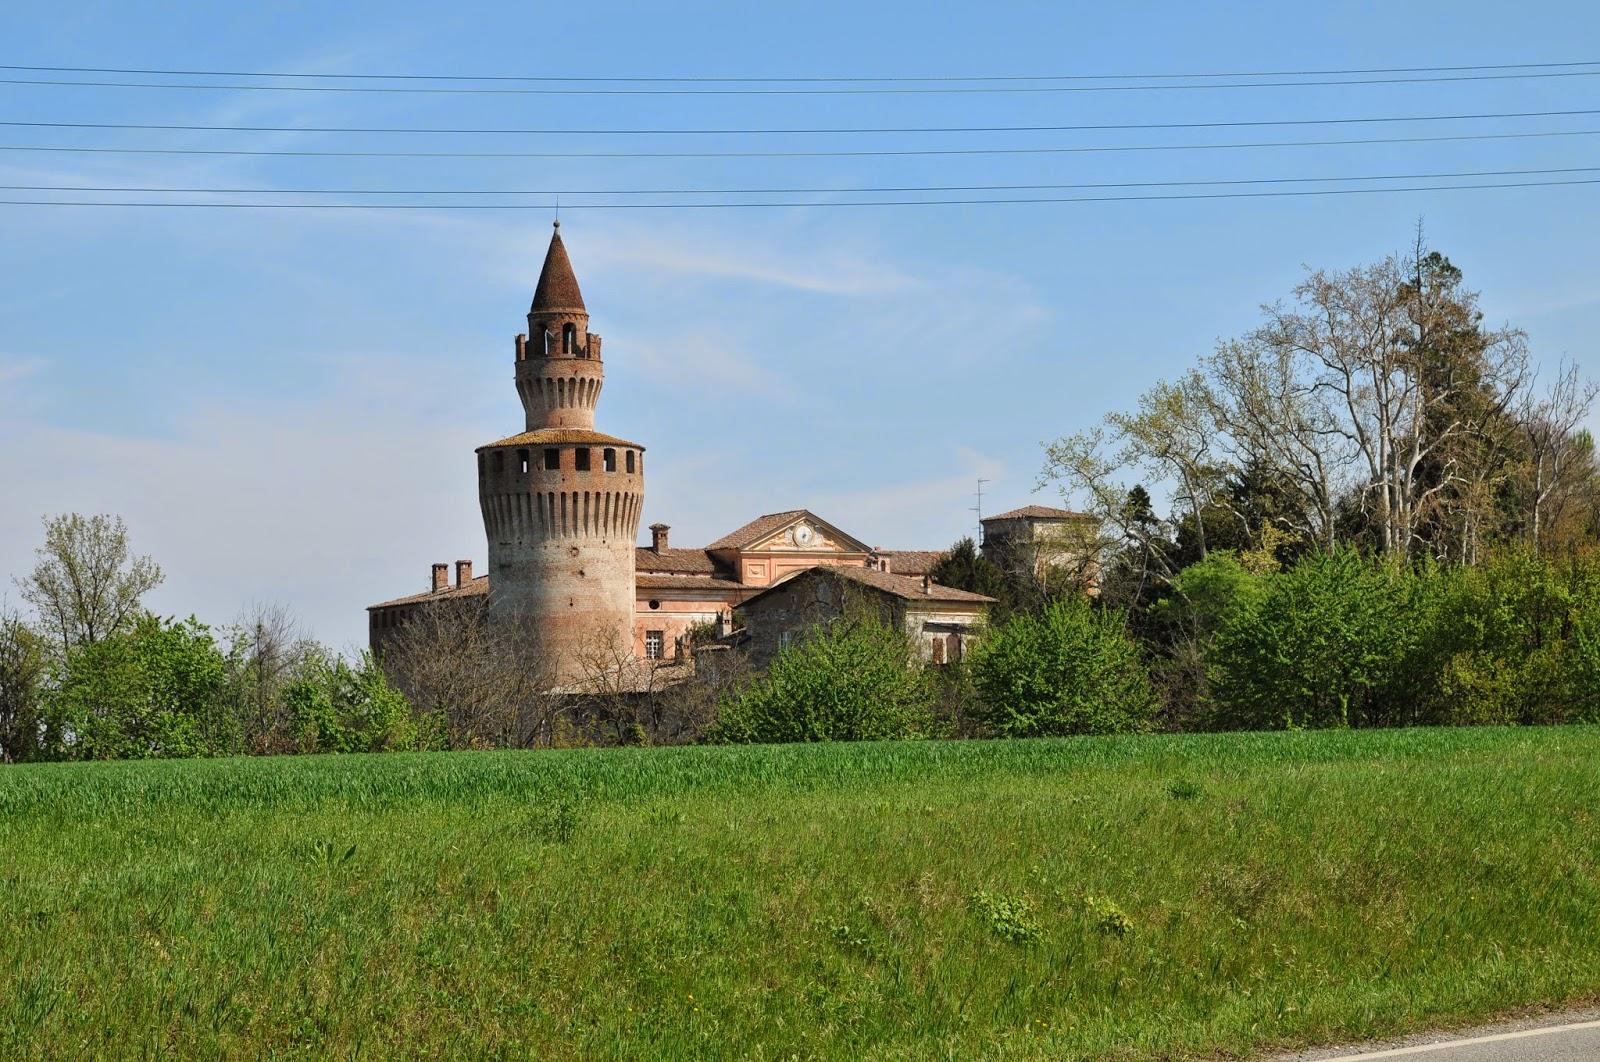 Le mie idee per una gita fuoriporta in Emilia Romagna